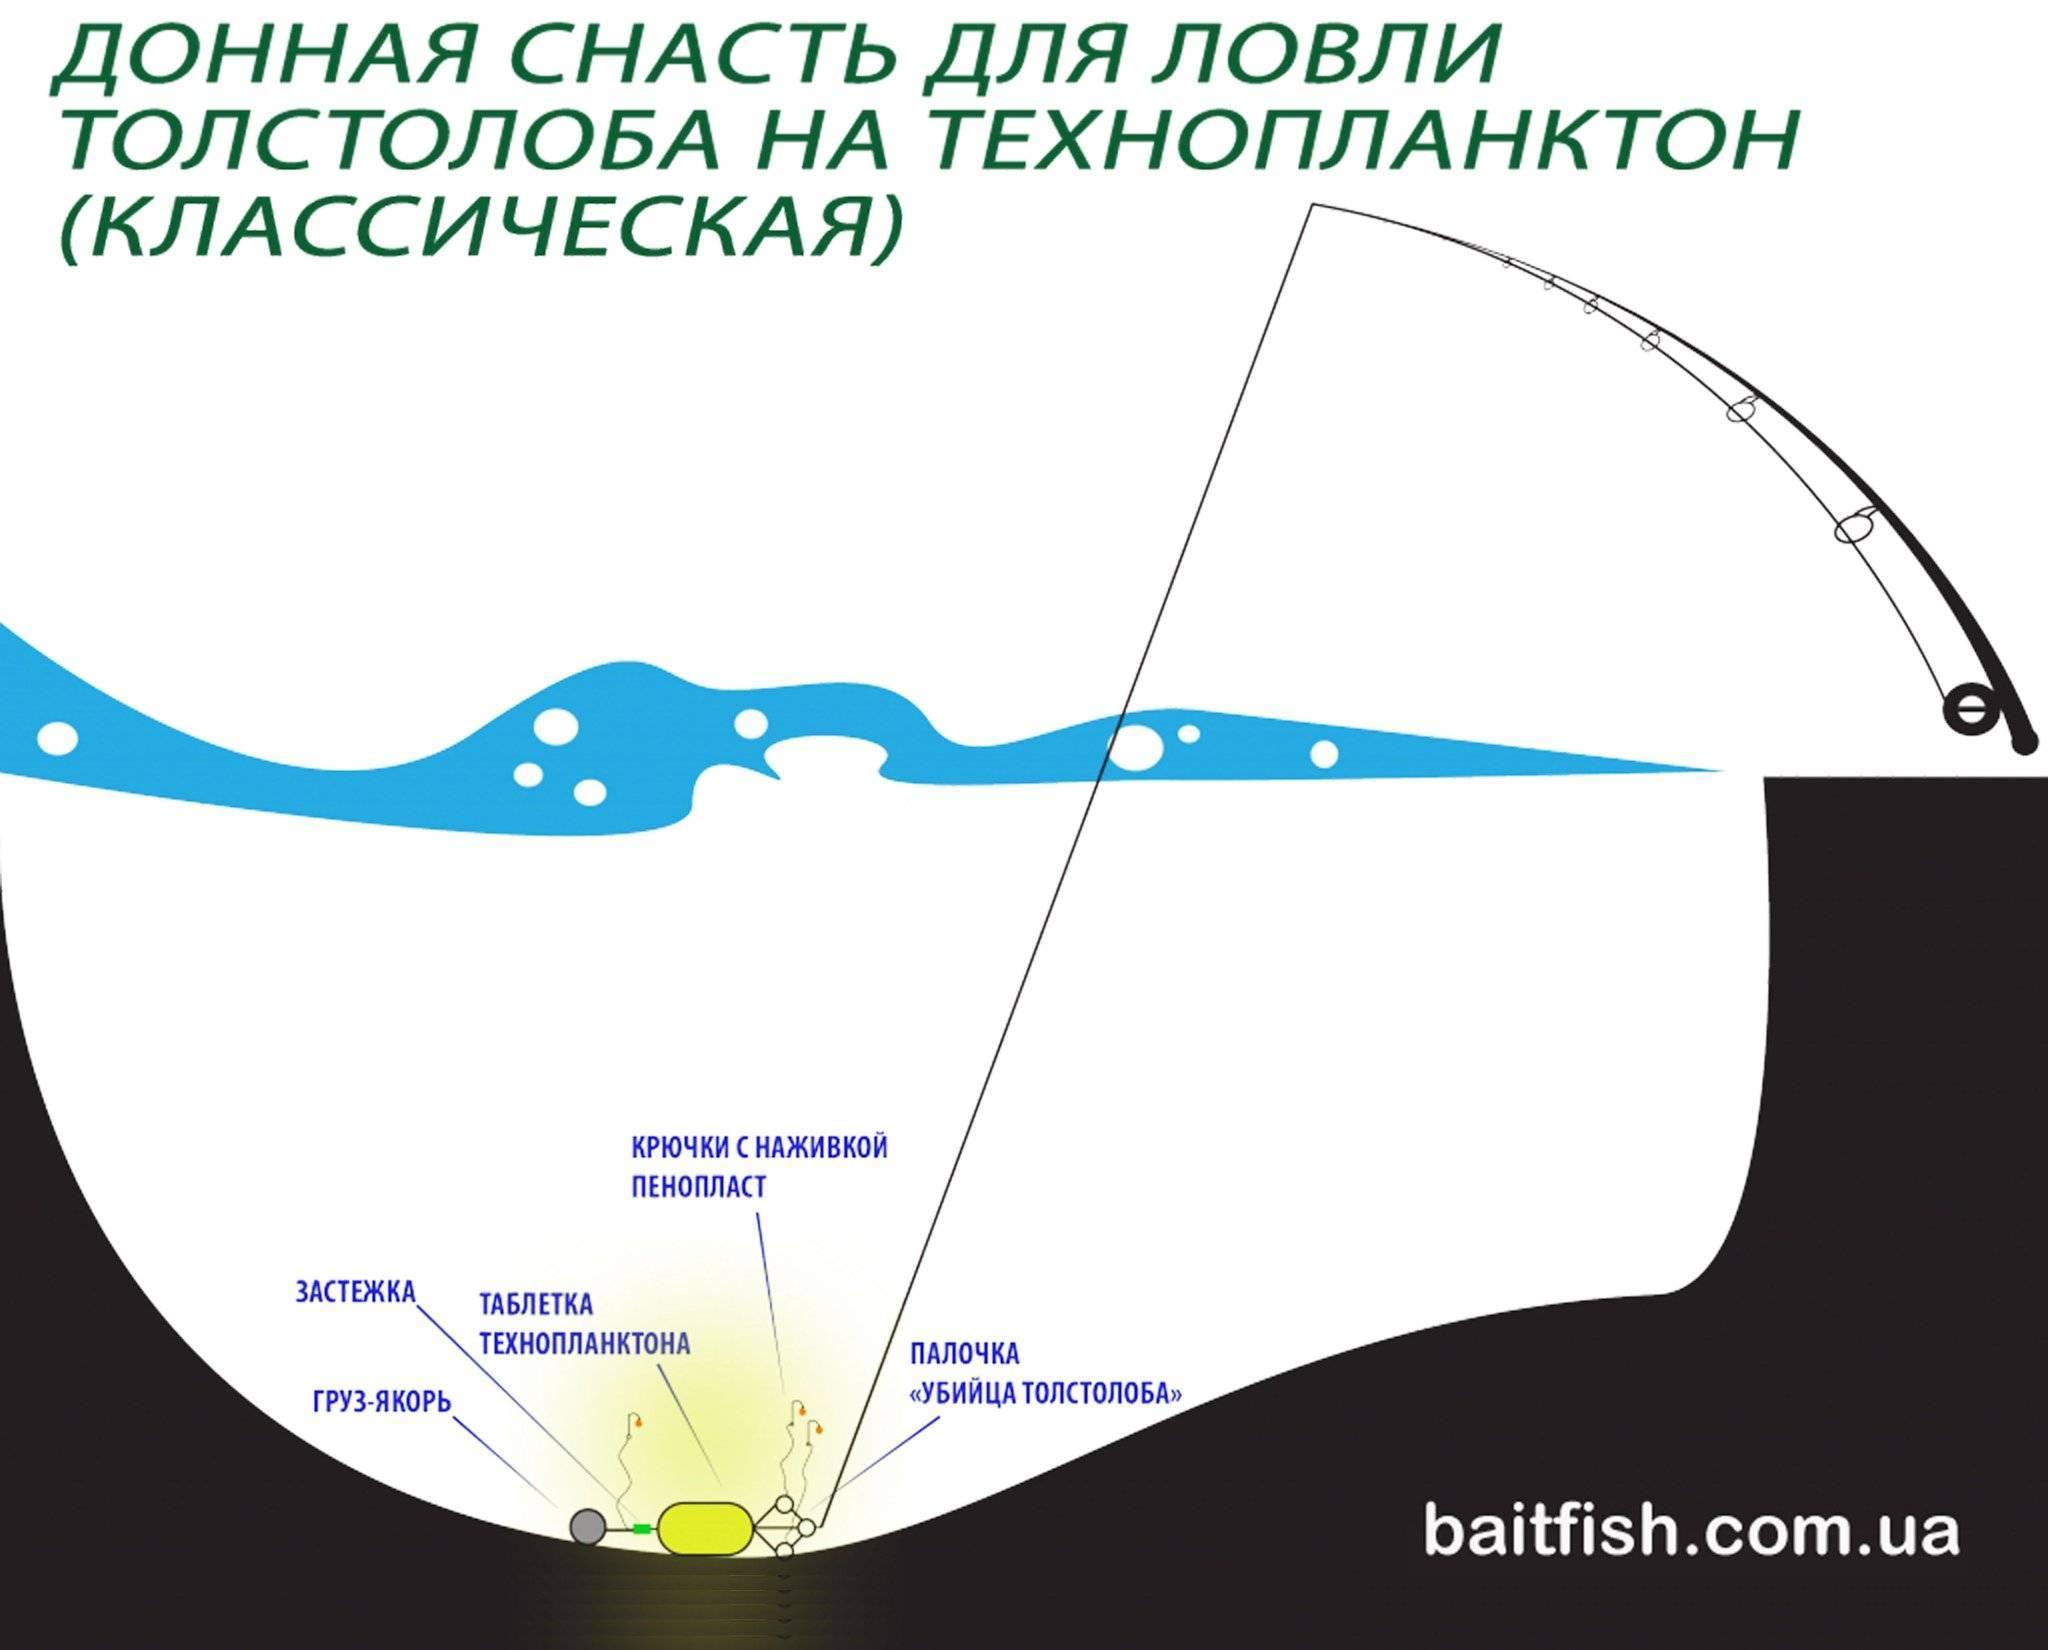 Снасти для ловли толстолобика - на технопланктон, со дна и не только, донная и с пружиной, изготовление своими руками